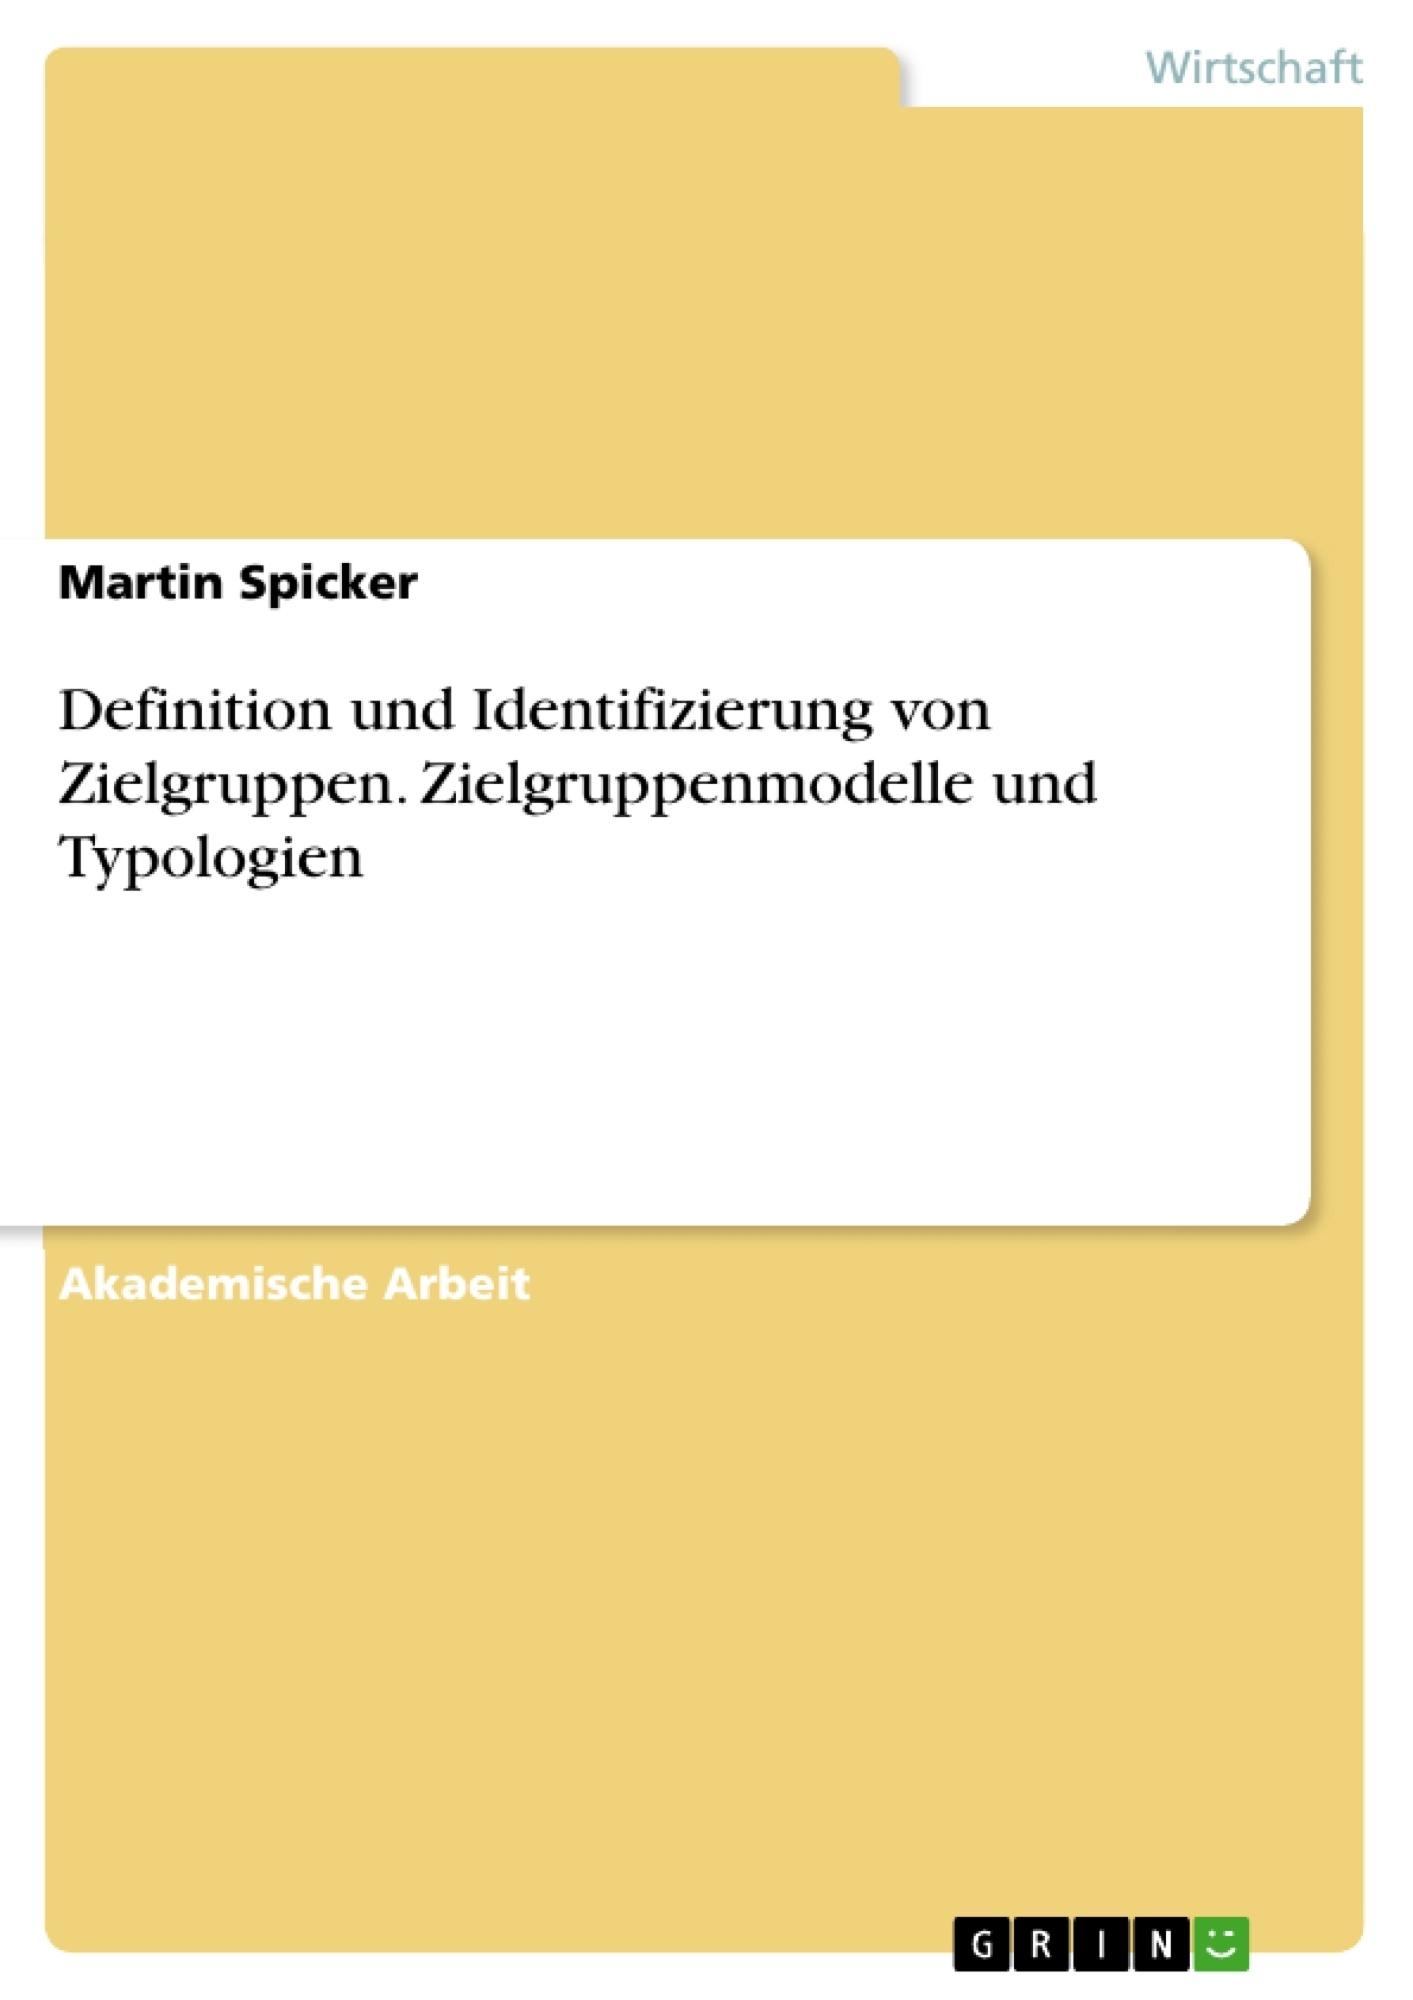 Titel: Definition und Identifizierung von Zielgruppen. Zielgruppenmodelle und Typologien